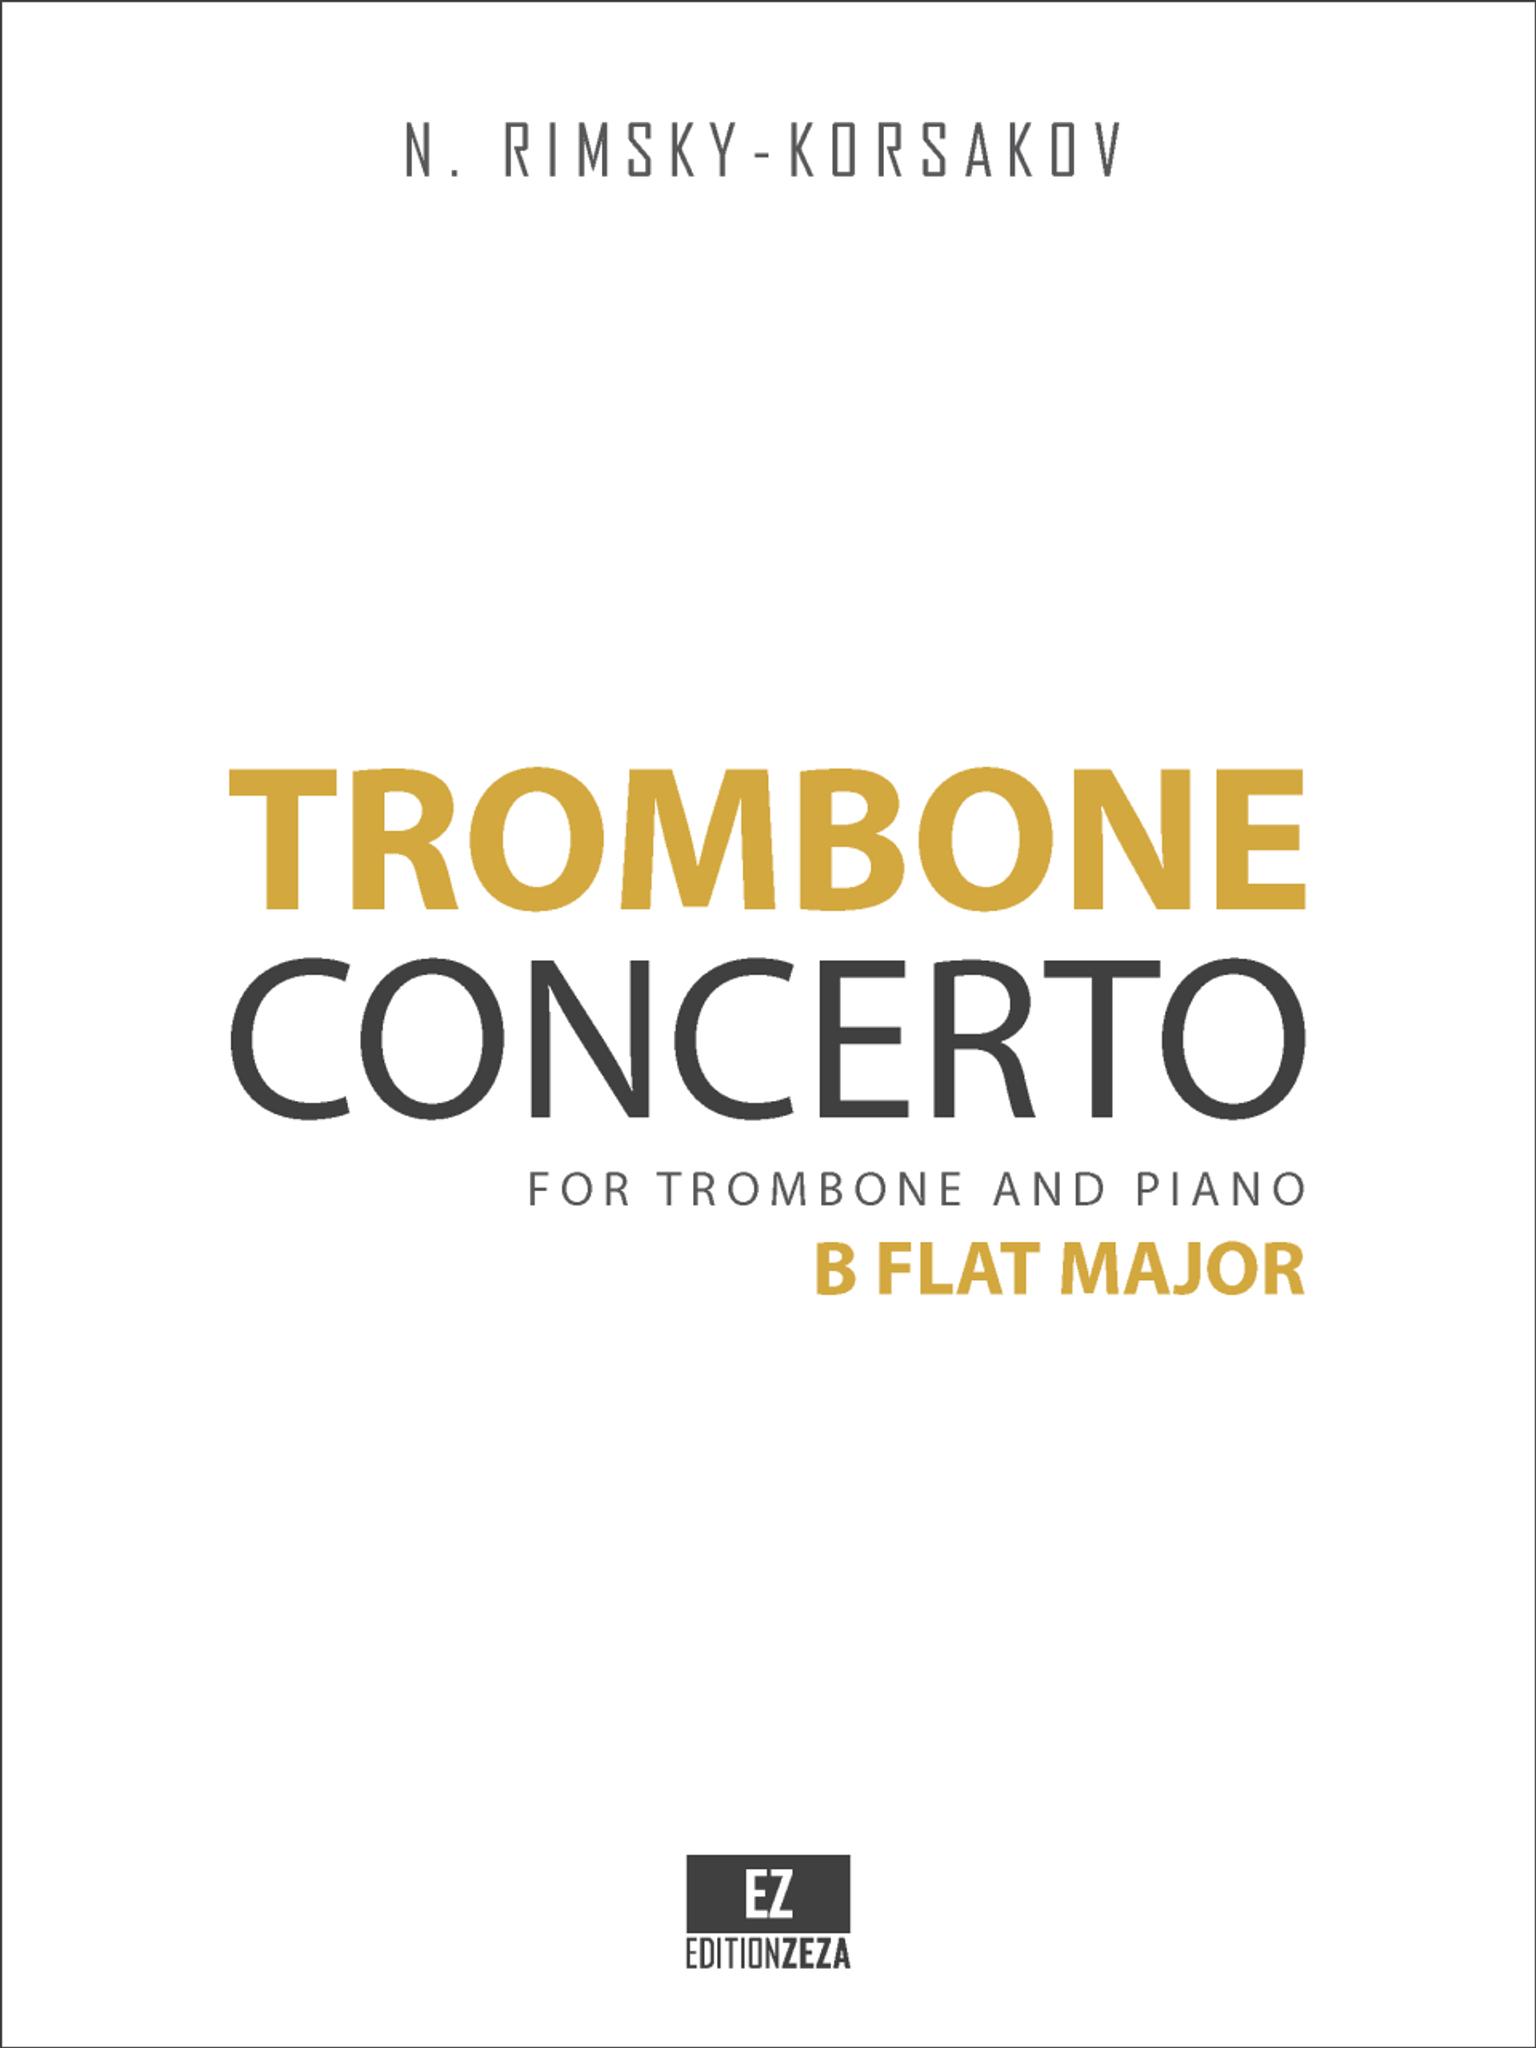 Rimsky-Korsakov - Trombone Concerto in B Flat Major, for Trombone and Piano